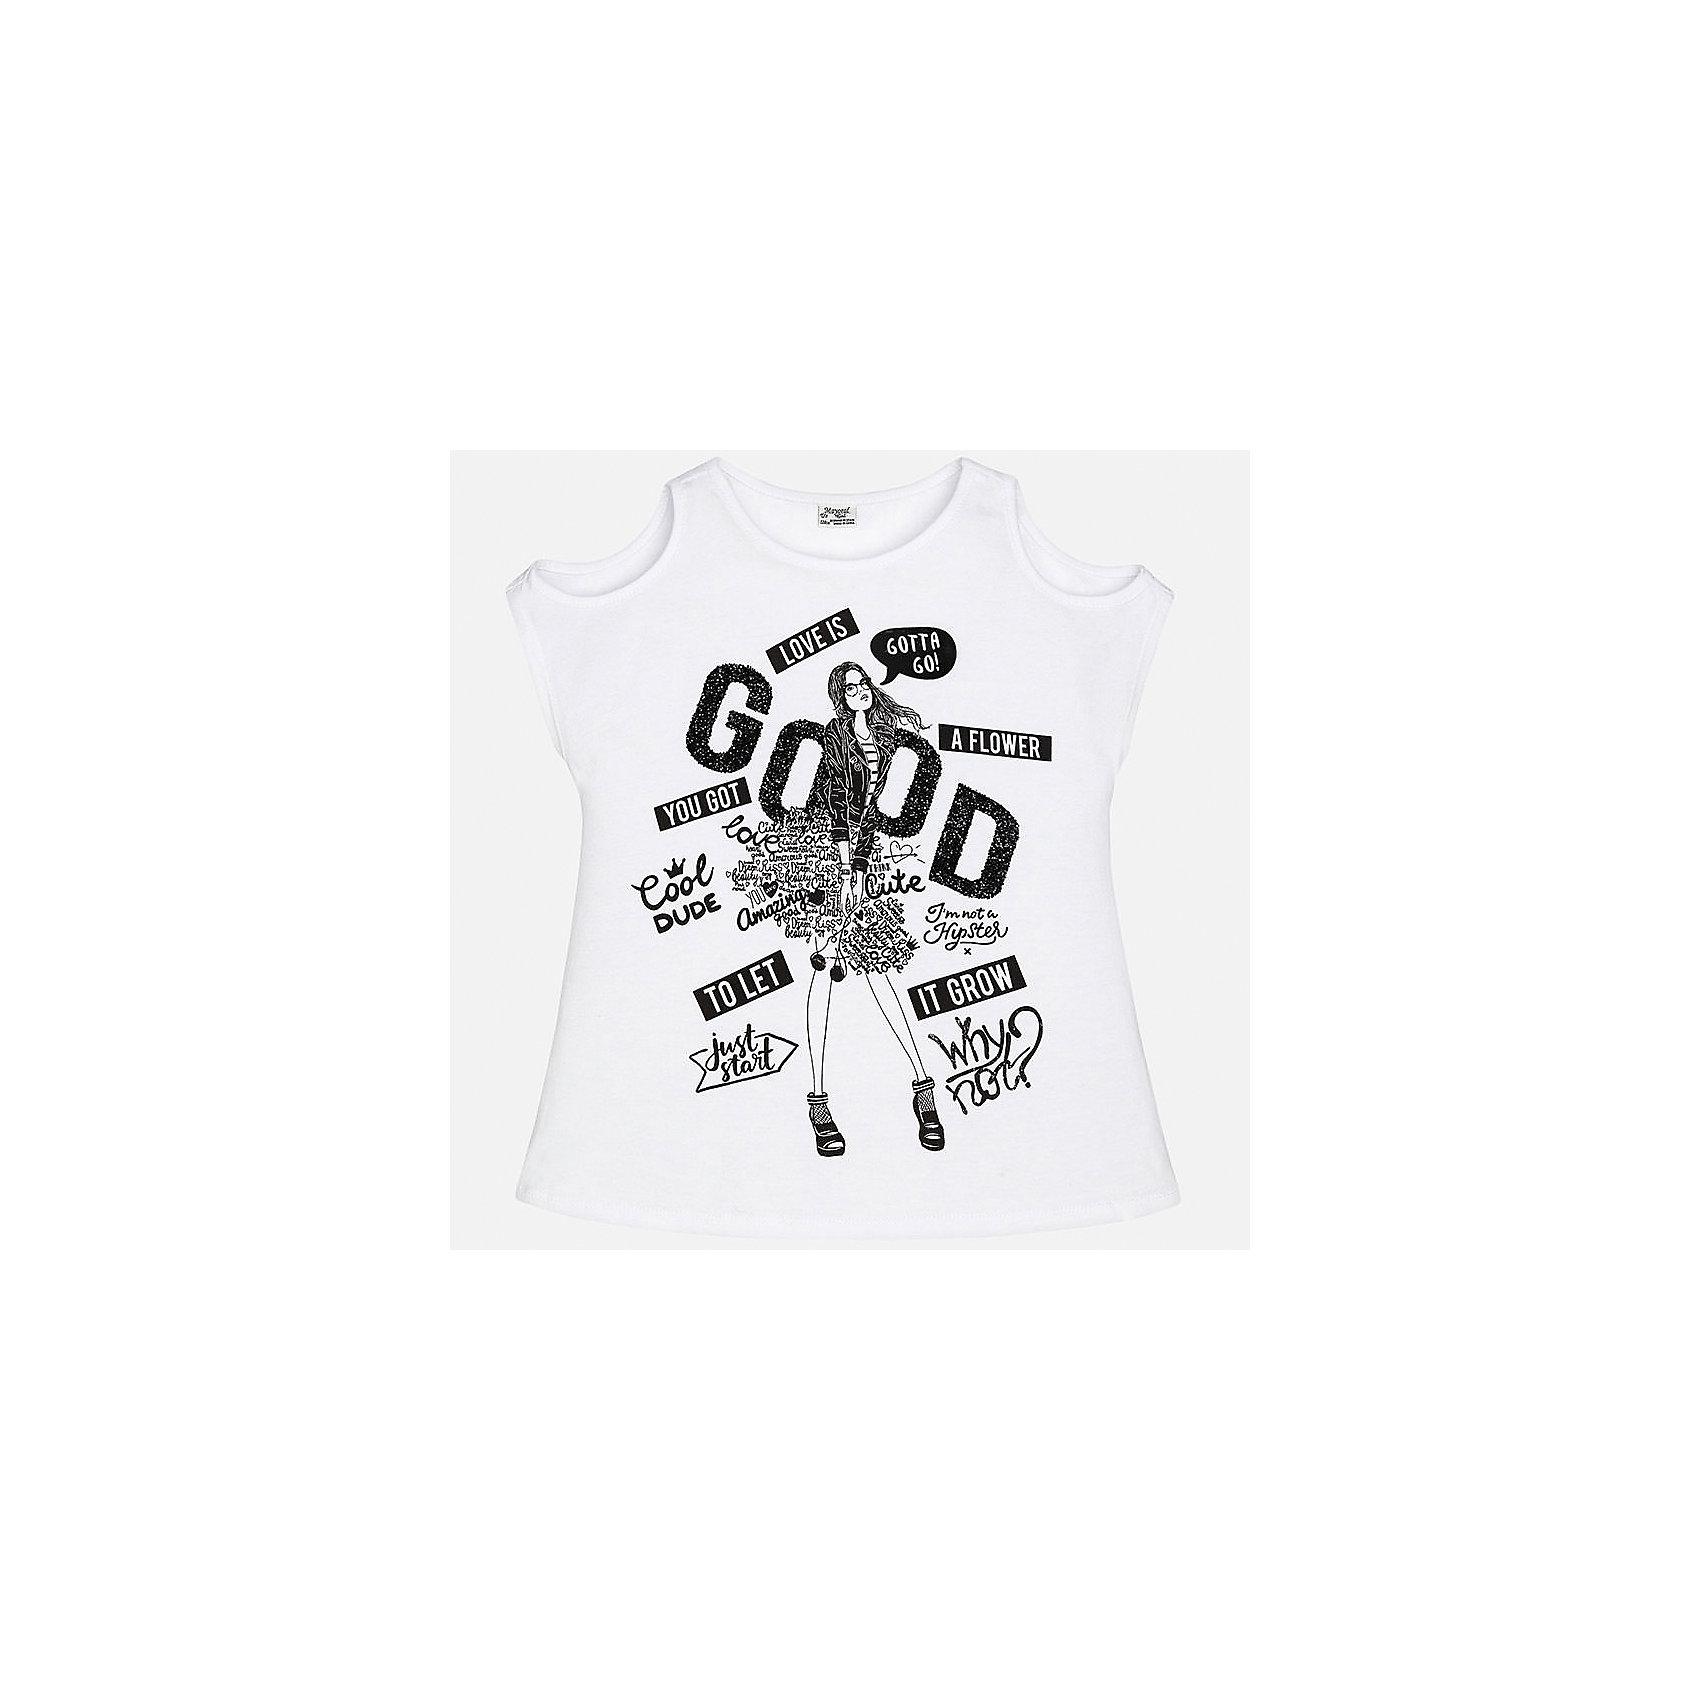 Футболка для девочки MayoralФутболки, поло и топы<br>Характеристики товара:<br><br>• цвет: белый<br>• состав: 100% текстиль<br>• декорирована принтом<br>• короткие рукава<br>• округлый горловой вырез<br>• страна бренда: Испания<br><br>Стильная качественная футболка для девочки поможет разнообразить гардероб ребенка и украсить наряд. Она отлично сочетается и с юбками, и с шортами, и с брюками. Универсальный цвет позволяет подобрать к вещи низ практически любой расцветки. Интересная отделка модели делает её нарядной и оригинальной. В составе ткани преобладает натуральный хлопок, гипоаллергенный, приятный на ощупь, дышащий.<br><br>Одежда, обувь и аксессуары от испанского бренда Mayoral полюбились детям и взрослым по всему миру. Модели этой марки - стильные и удобные. Для их производства используются только безопасные, качественные материалы и фурнитура. Порадуйте ребенка модными и красивыми вещами от Mayoral! <br><br>Футболку для девочки от испанского бренда Mayoral (Майорал) можно купить в нашем интернет-магазине.<br><br>Ширина мм: 199<br>Глубина мм: 10<br>Высота мм: 161<br>Вес г: 151<br>Цвет: черный<br>Возраст от месяцев: 156<br>Возраст до месяцев: 168<br>Пол: Женский<br>Возраст: Детский<br>Размер: 128/134,170,158,152,140,164<br>SKU: 5292547